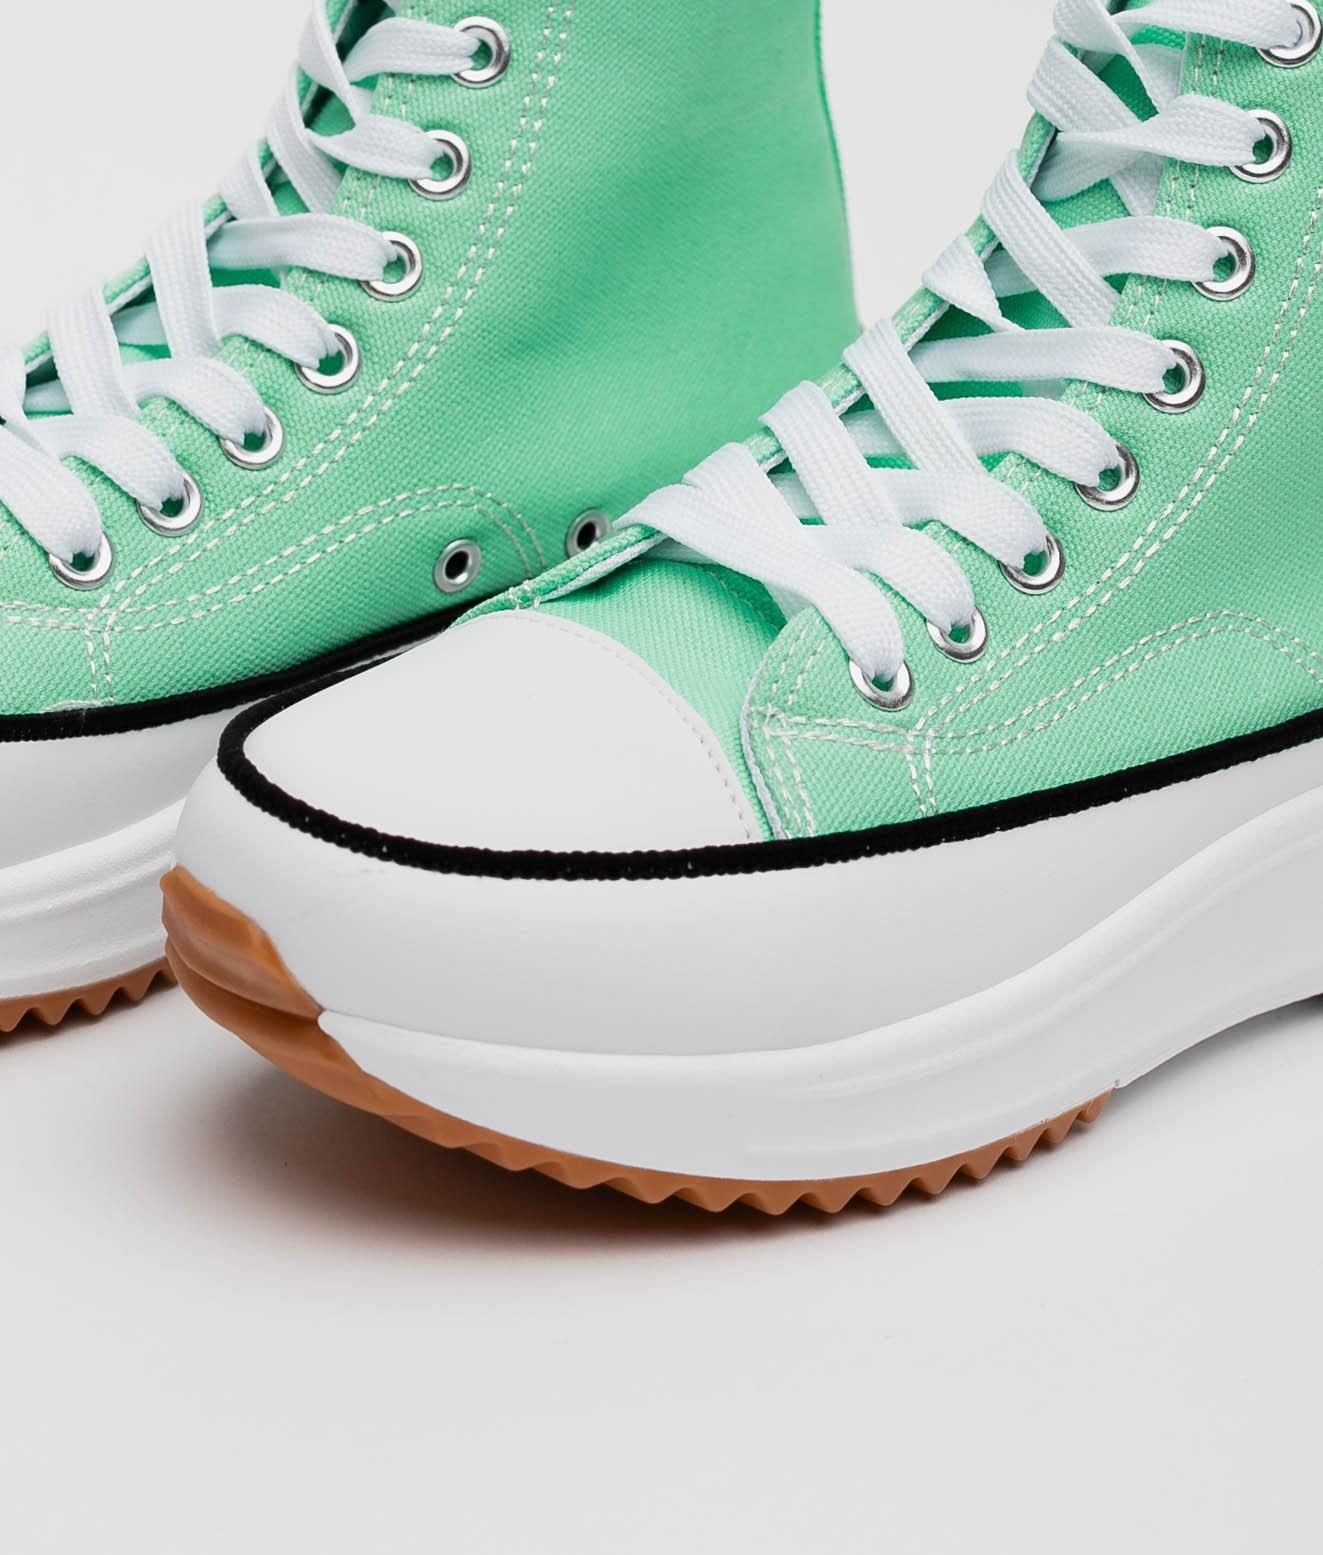 Sneakers Vitu - Green